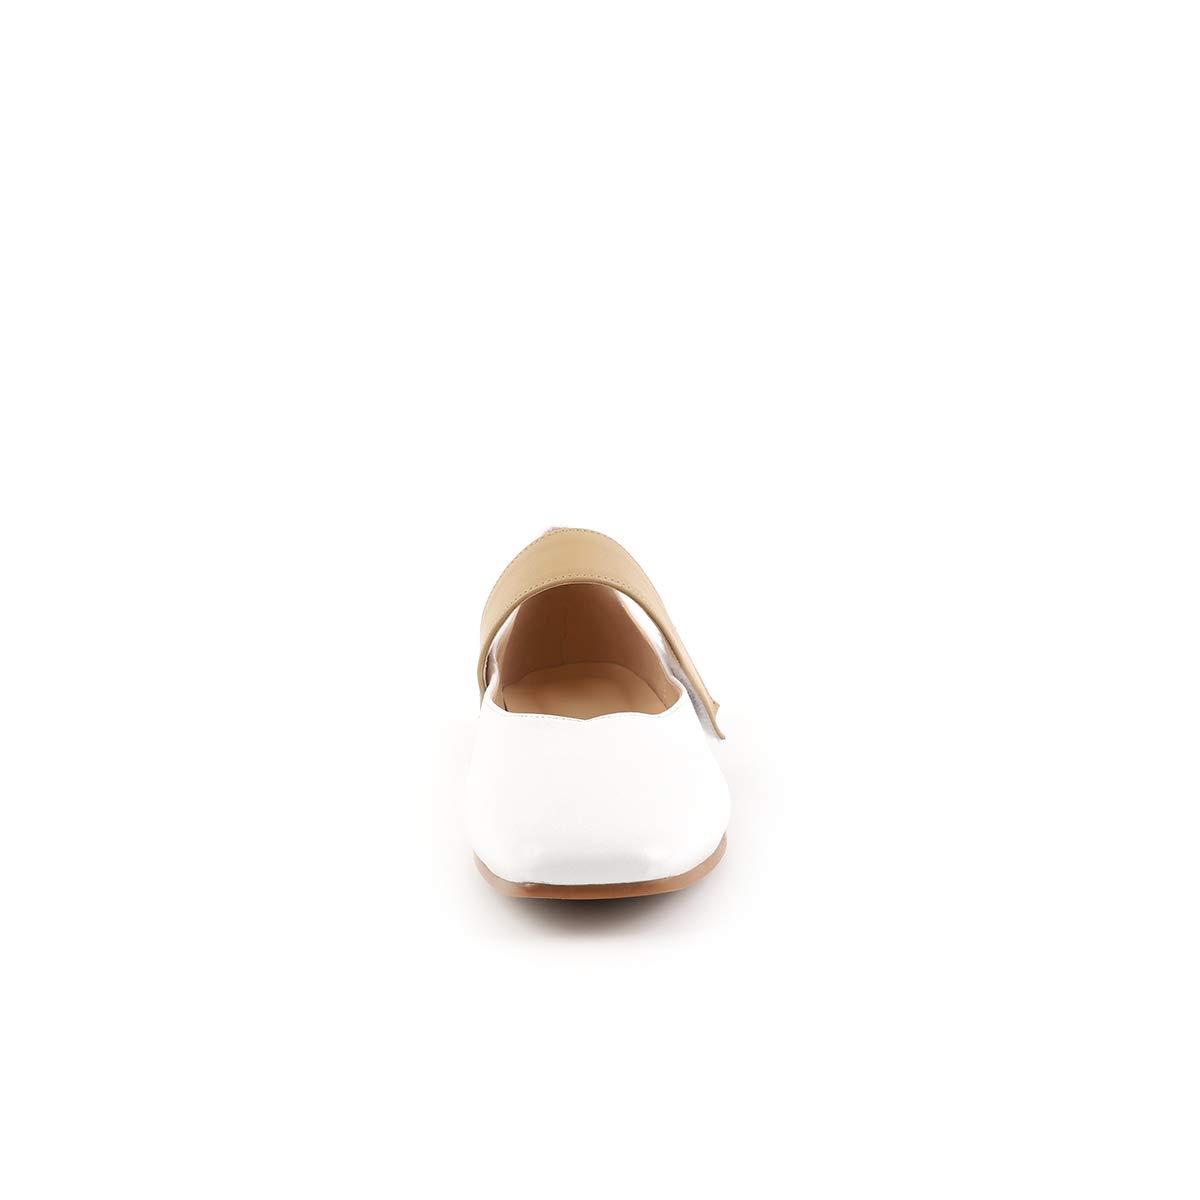 Aimint ERR00211, Damen Damen Damen Durchgängies Plateau Sandalen mit Keilabsatz, Weiß - weiß - Größe  37 1baaf0